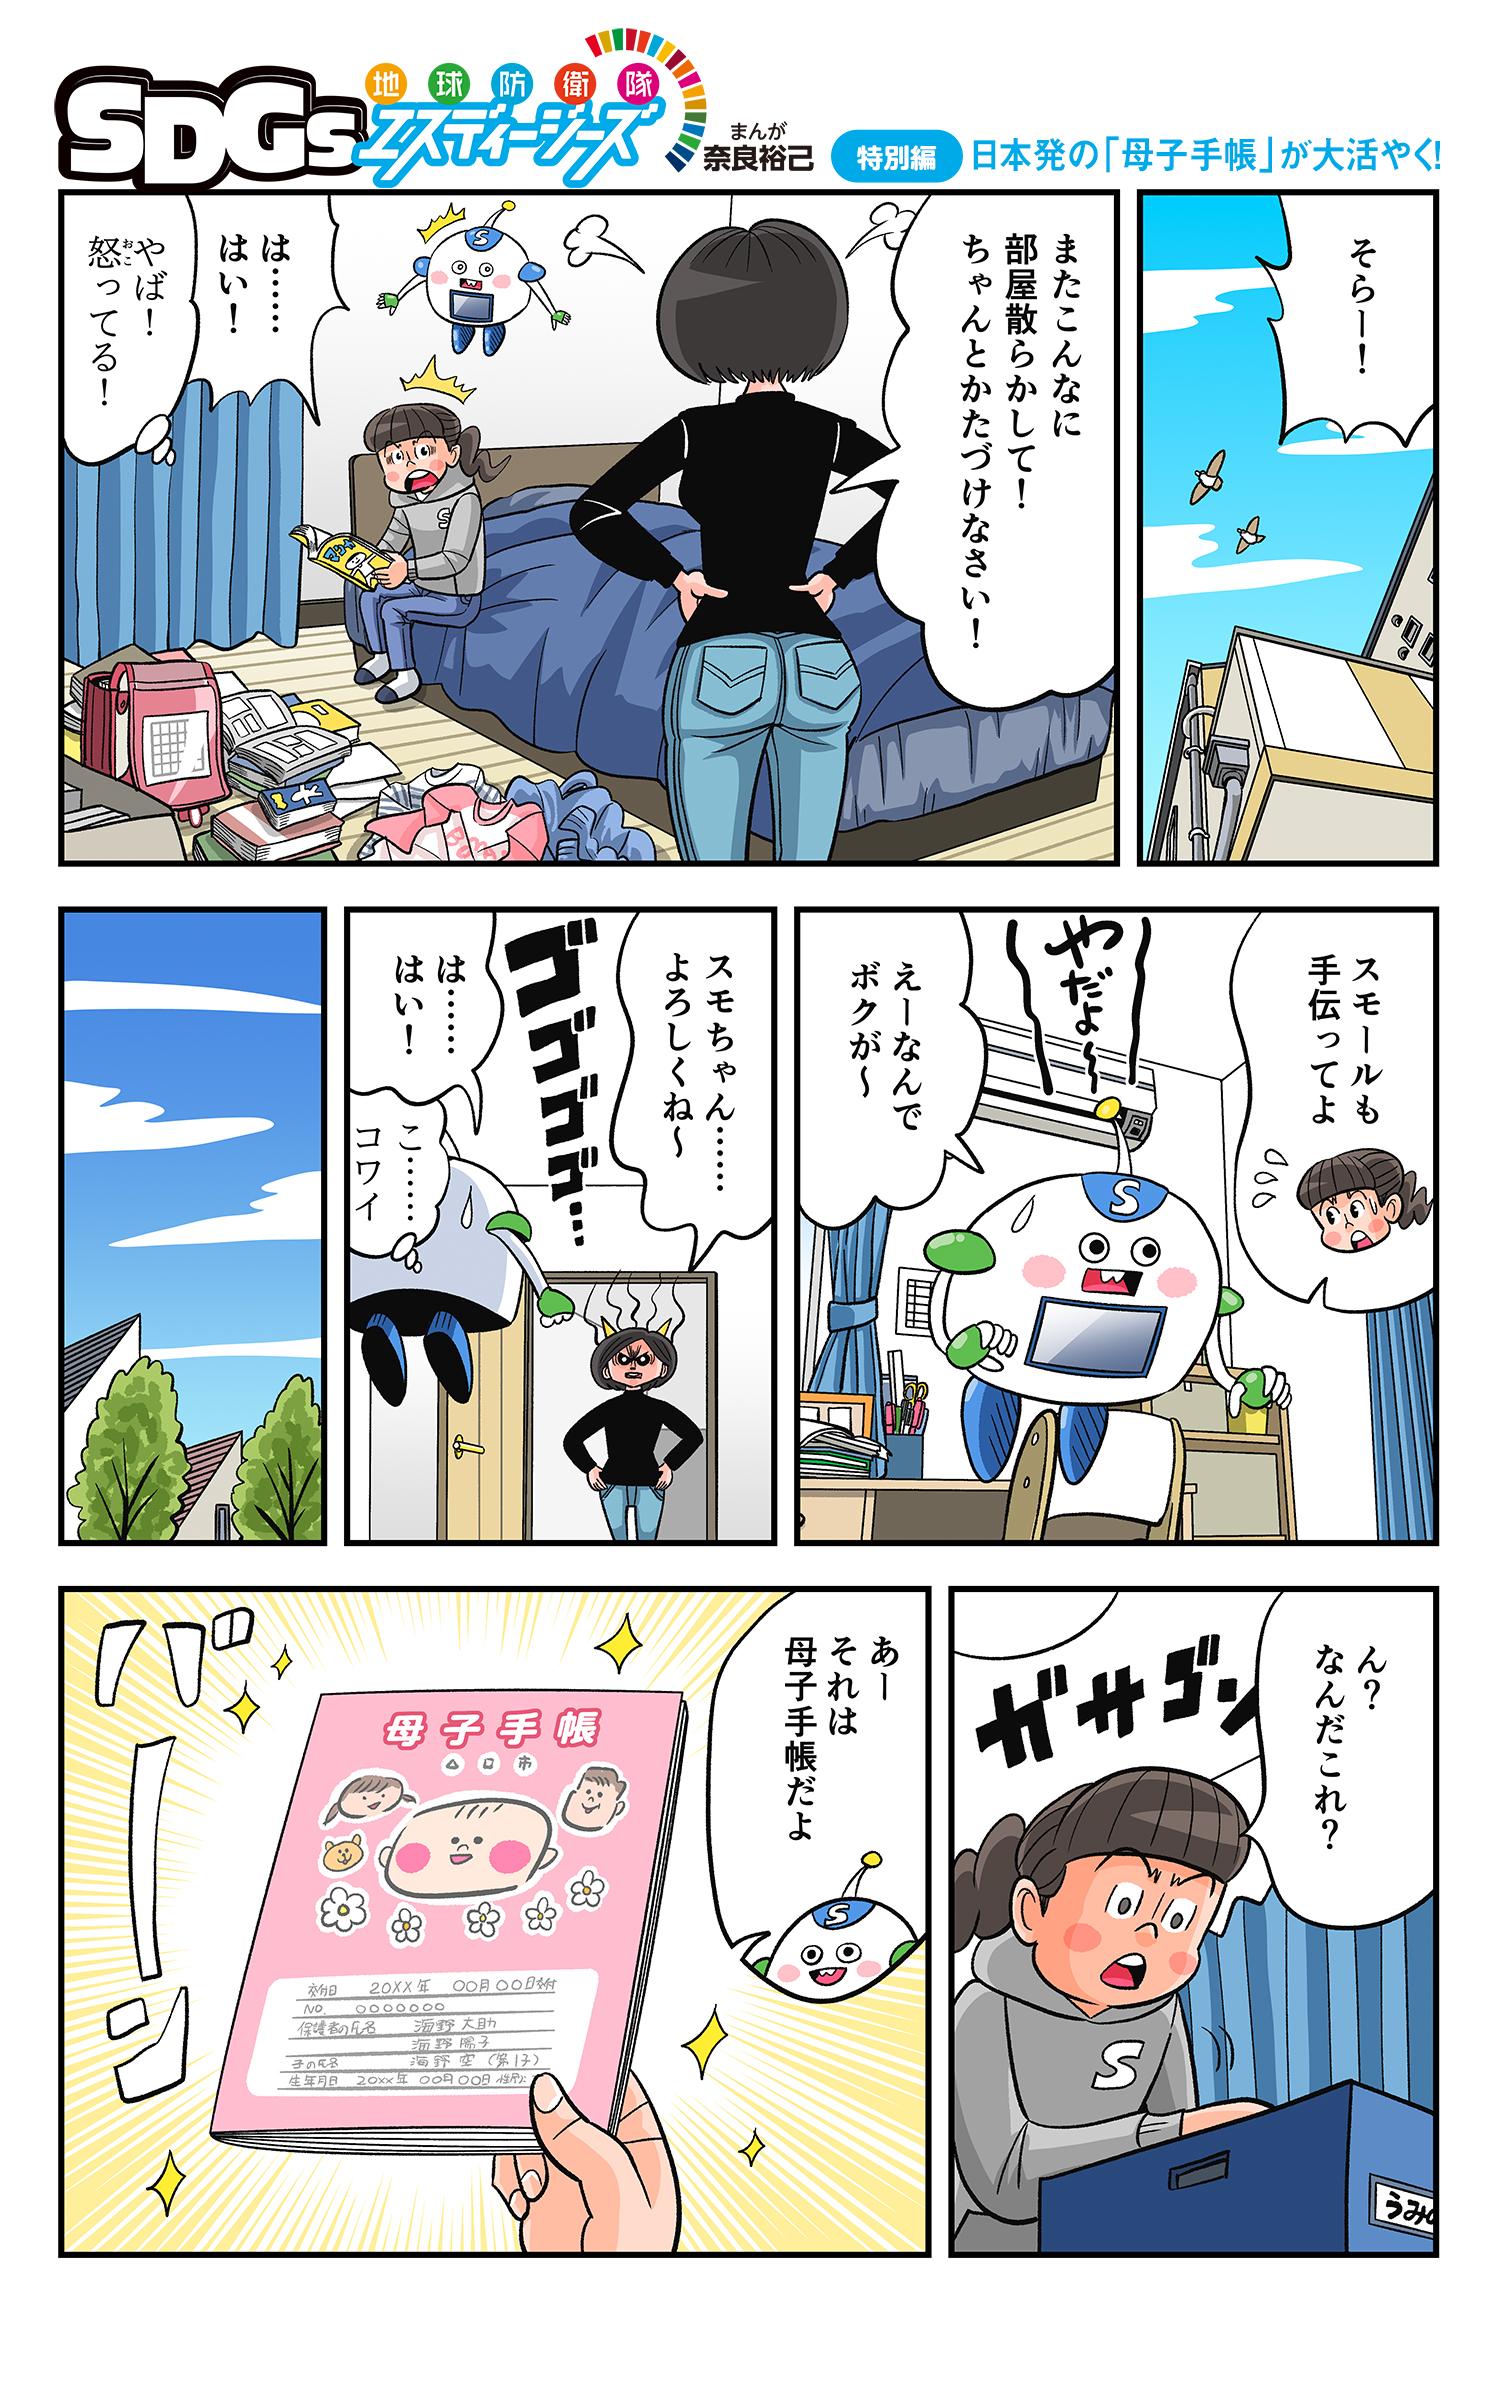 まんが「地球防衛隊SDGs」特別編 日本発の「母子手帳」が大活やく!